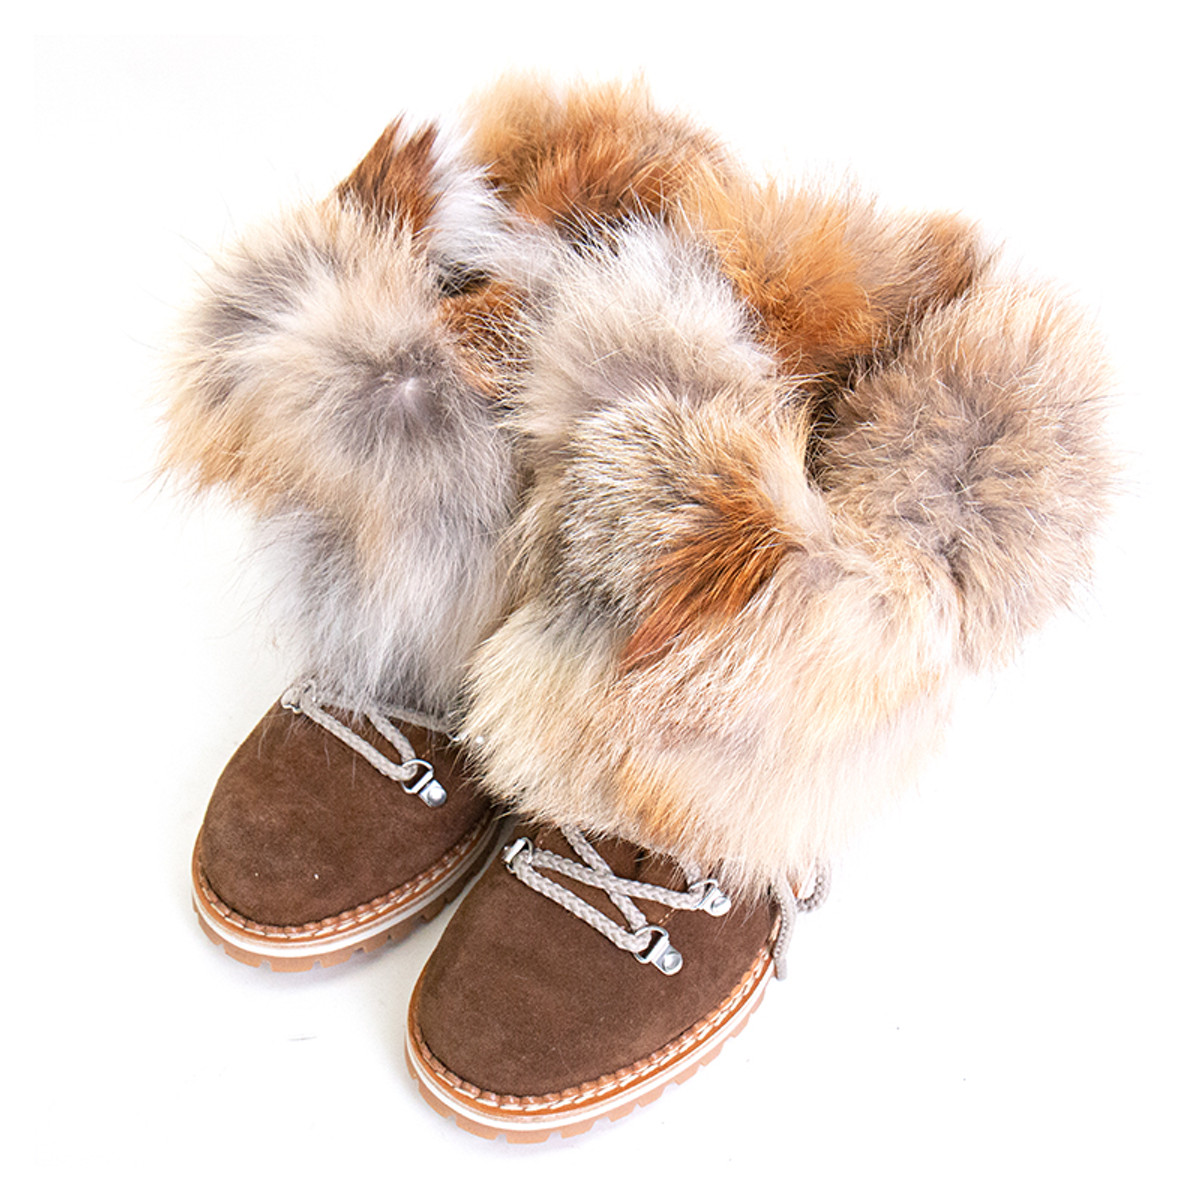 0d4b11d959012 Brown Fur Mid-Calf Boot for Women | Alan Bilzerian